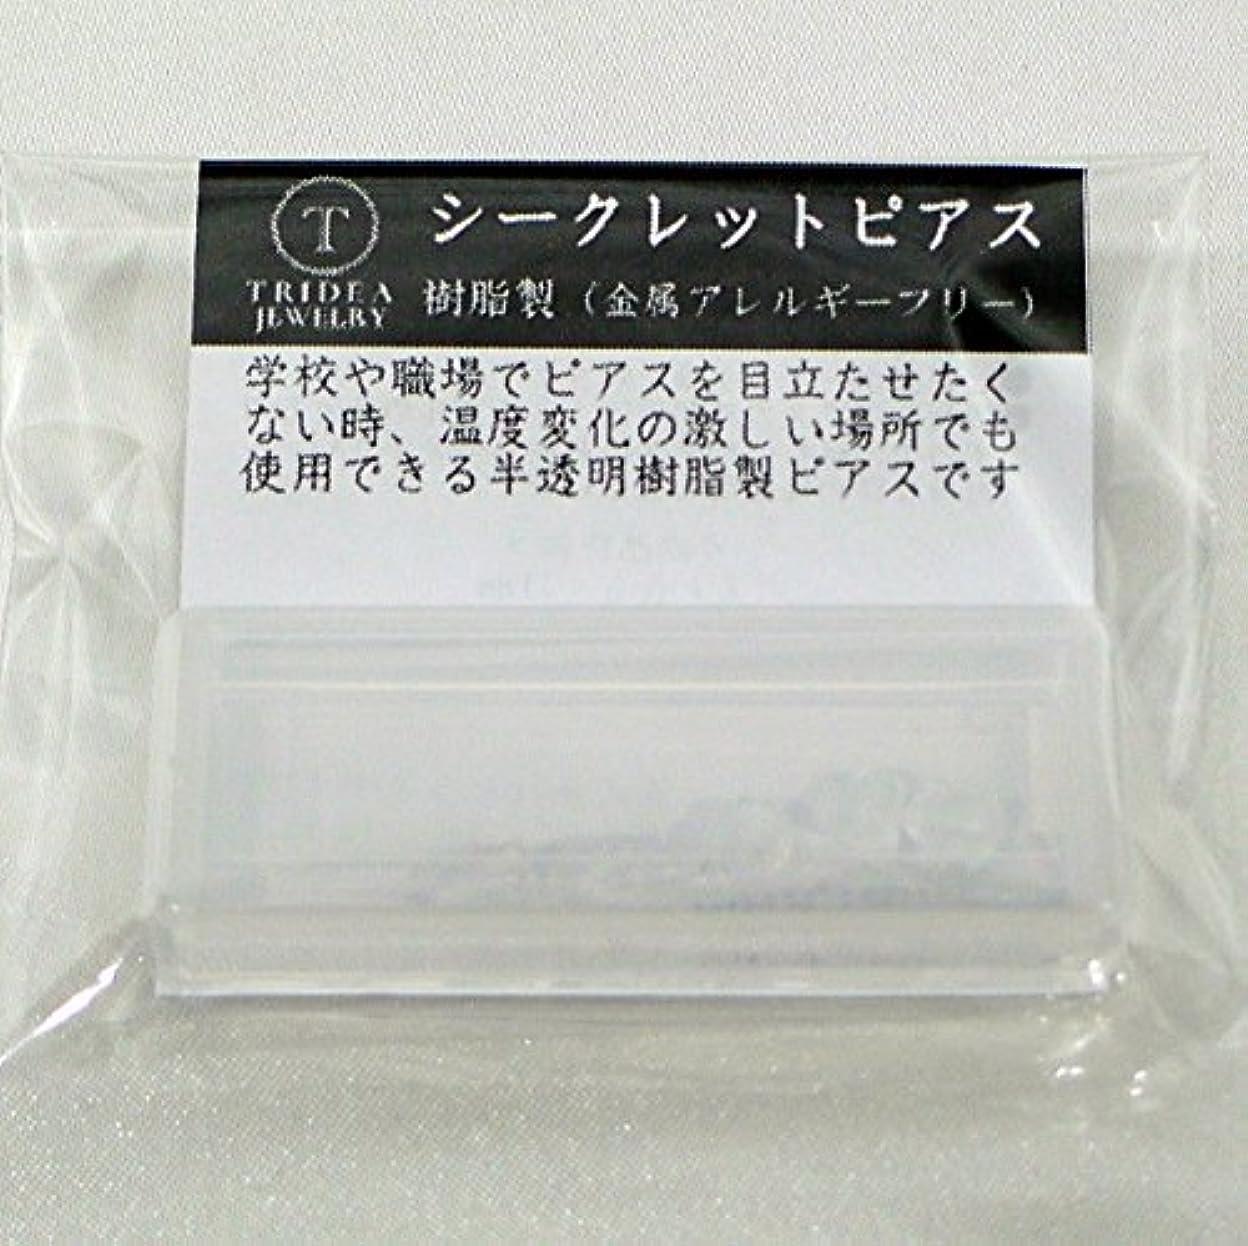 に渡ってソーダ水ものシークレットピアス 樹脂透明ピアス 金属アレルギーフリー ピアスホール維持に最適 (6セット)